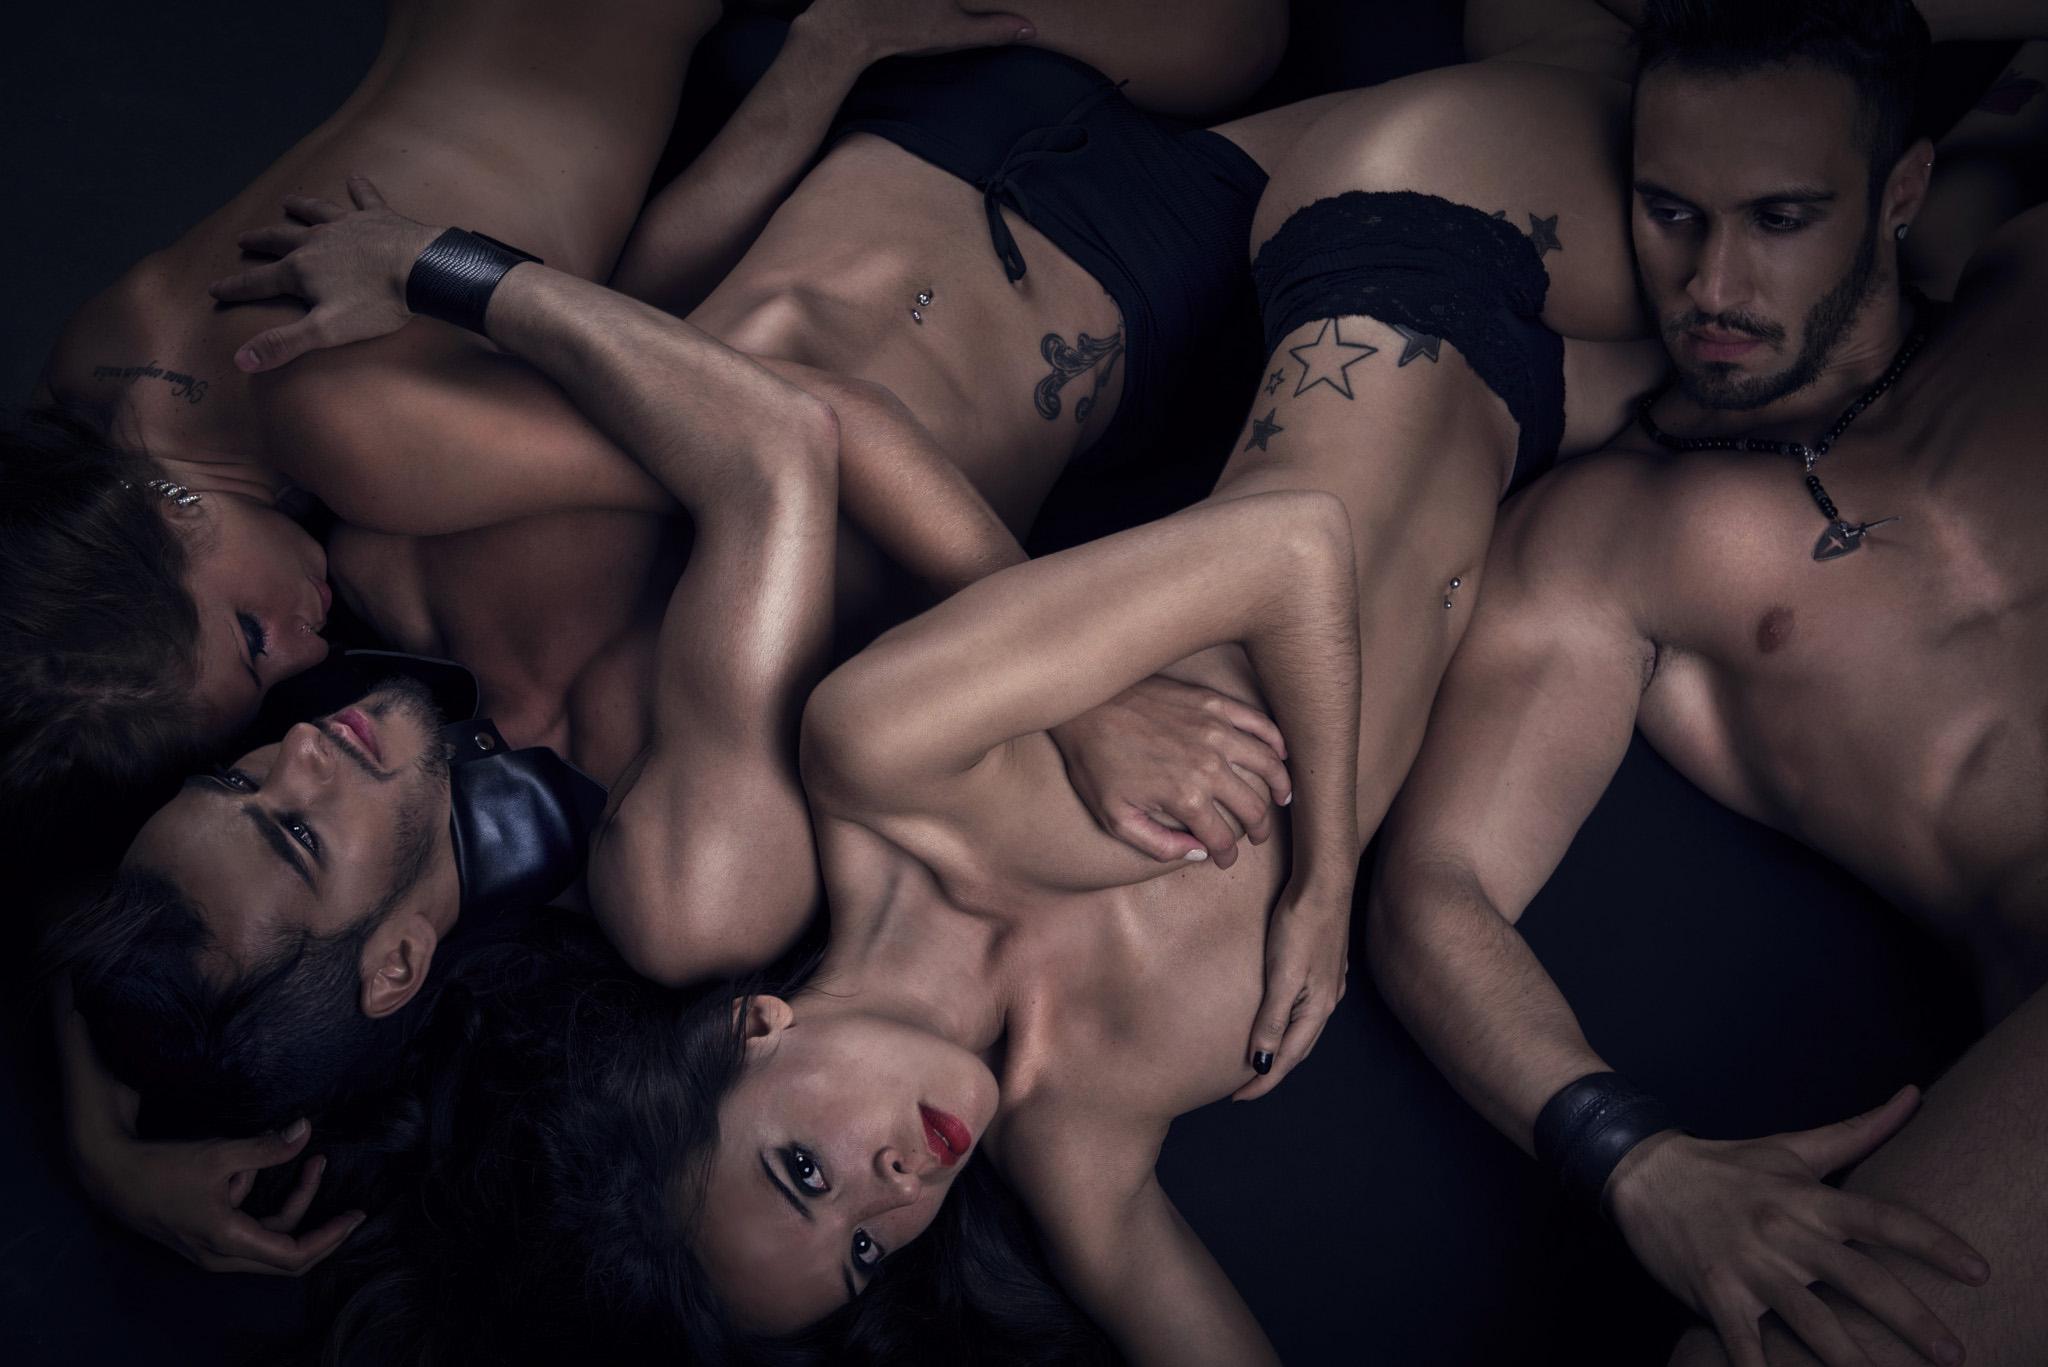 سکس گروهی و ضربدری و تبادل همسر